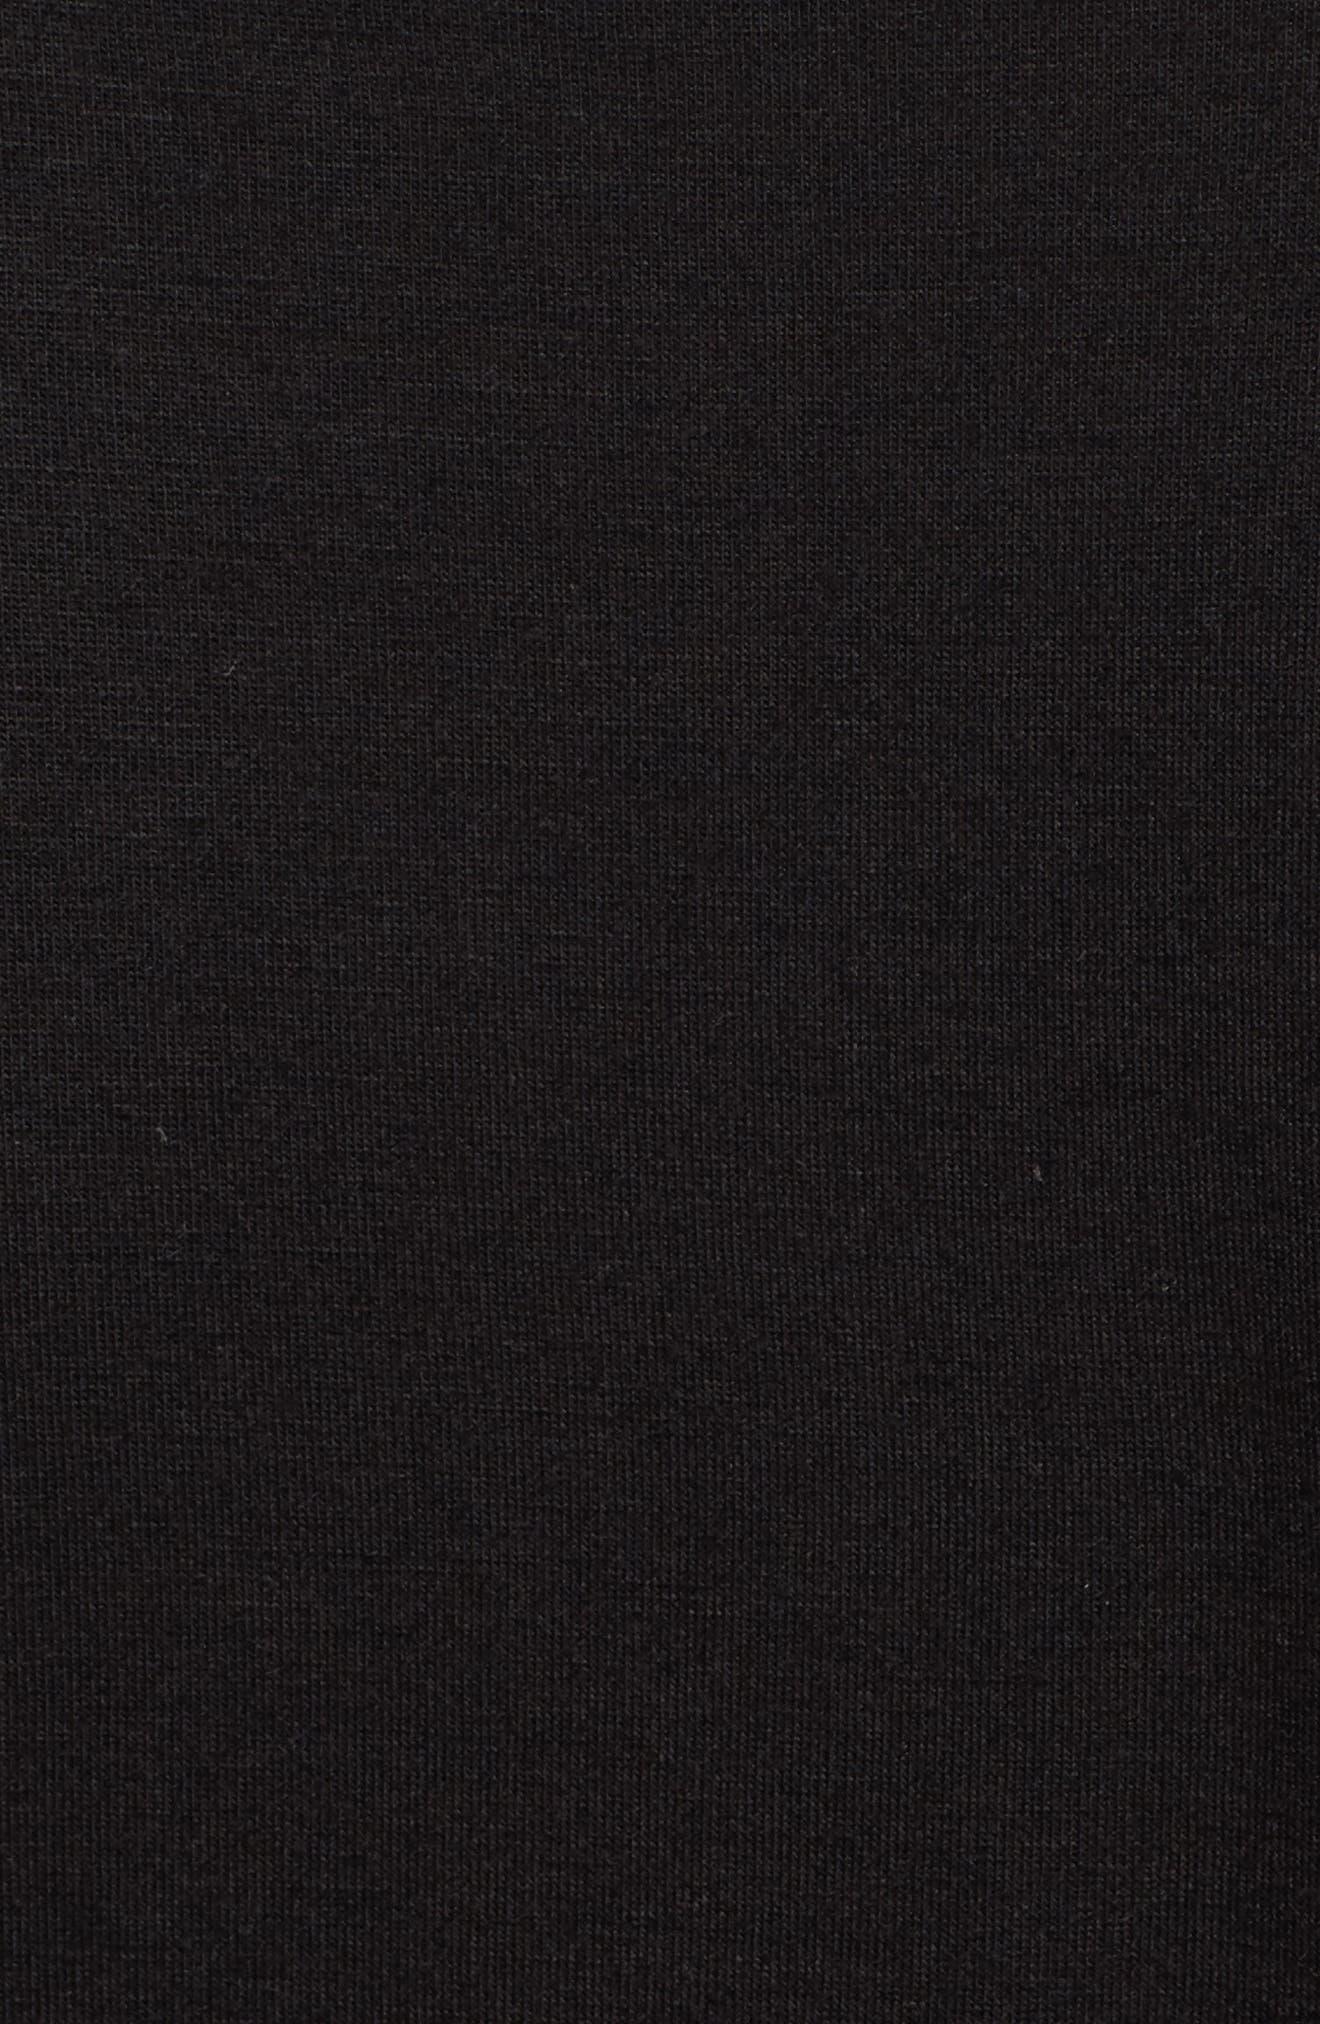 Cinch Sleeve Tee,                             Alternate thumbnail 5, color,                             001